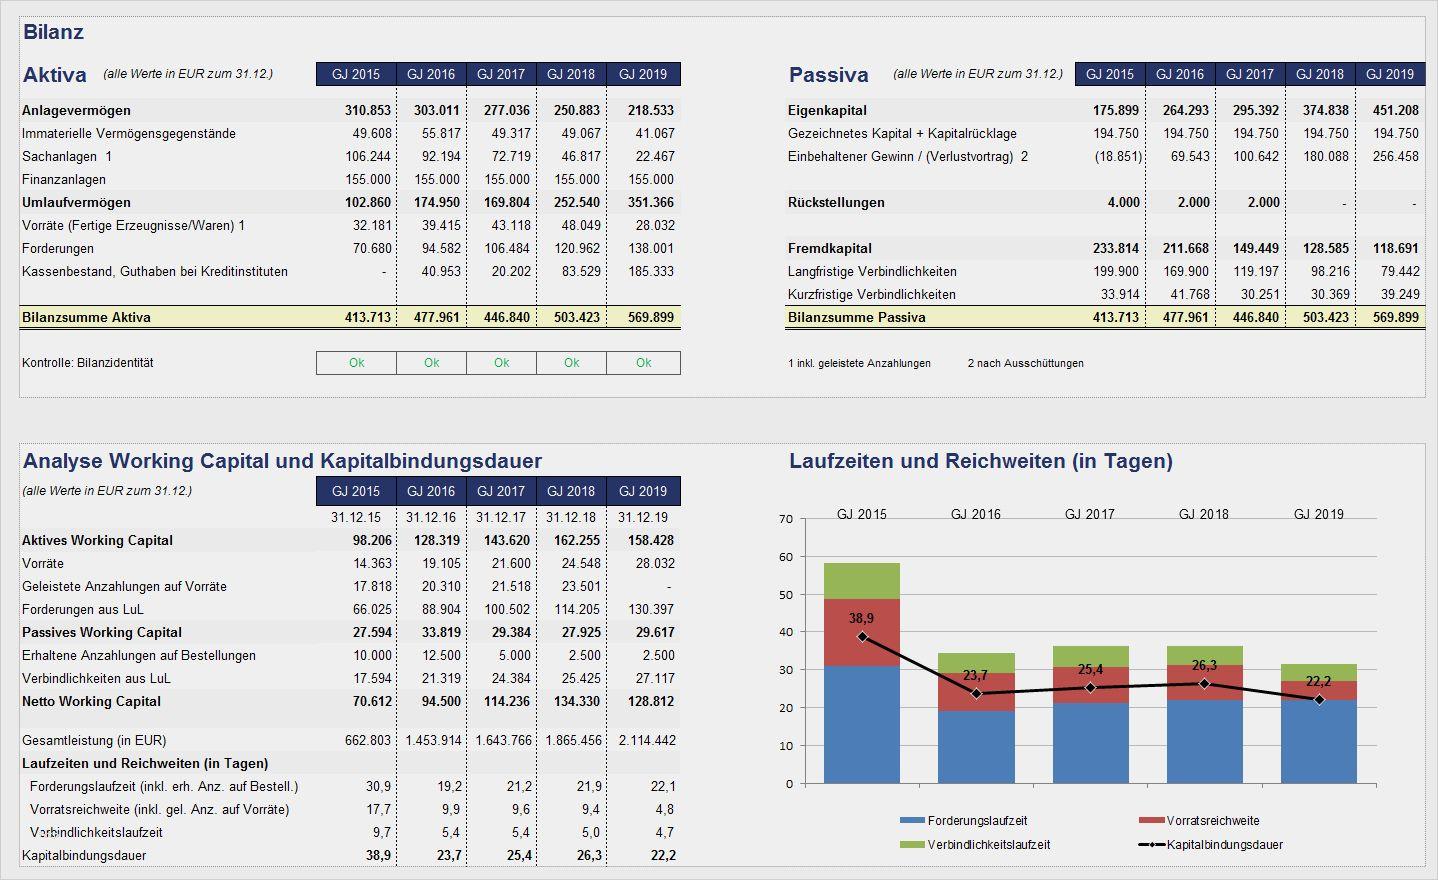 31 Gut Vorlage Bilanz Excel Foto In 2020 Vorlagen Geschenkgutschein Vorlage Flyer Vorlage